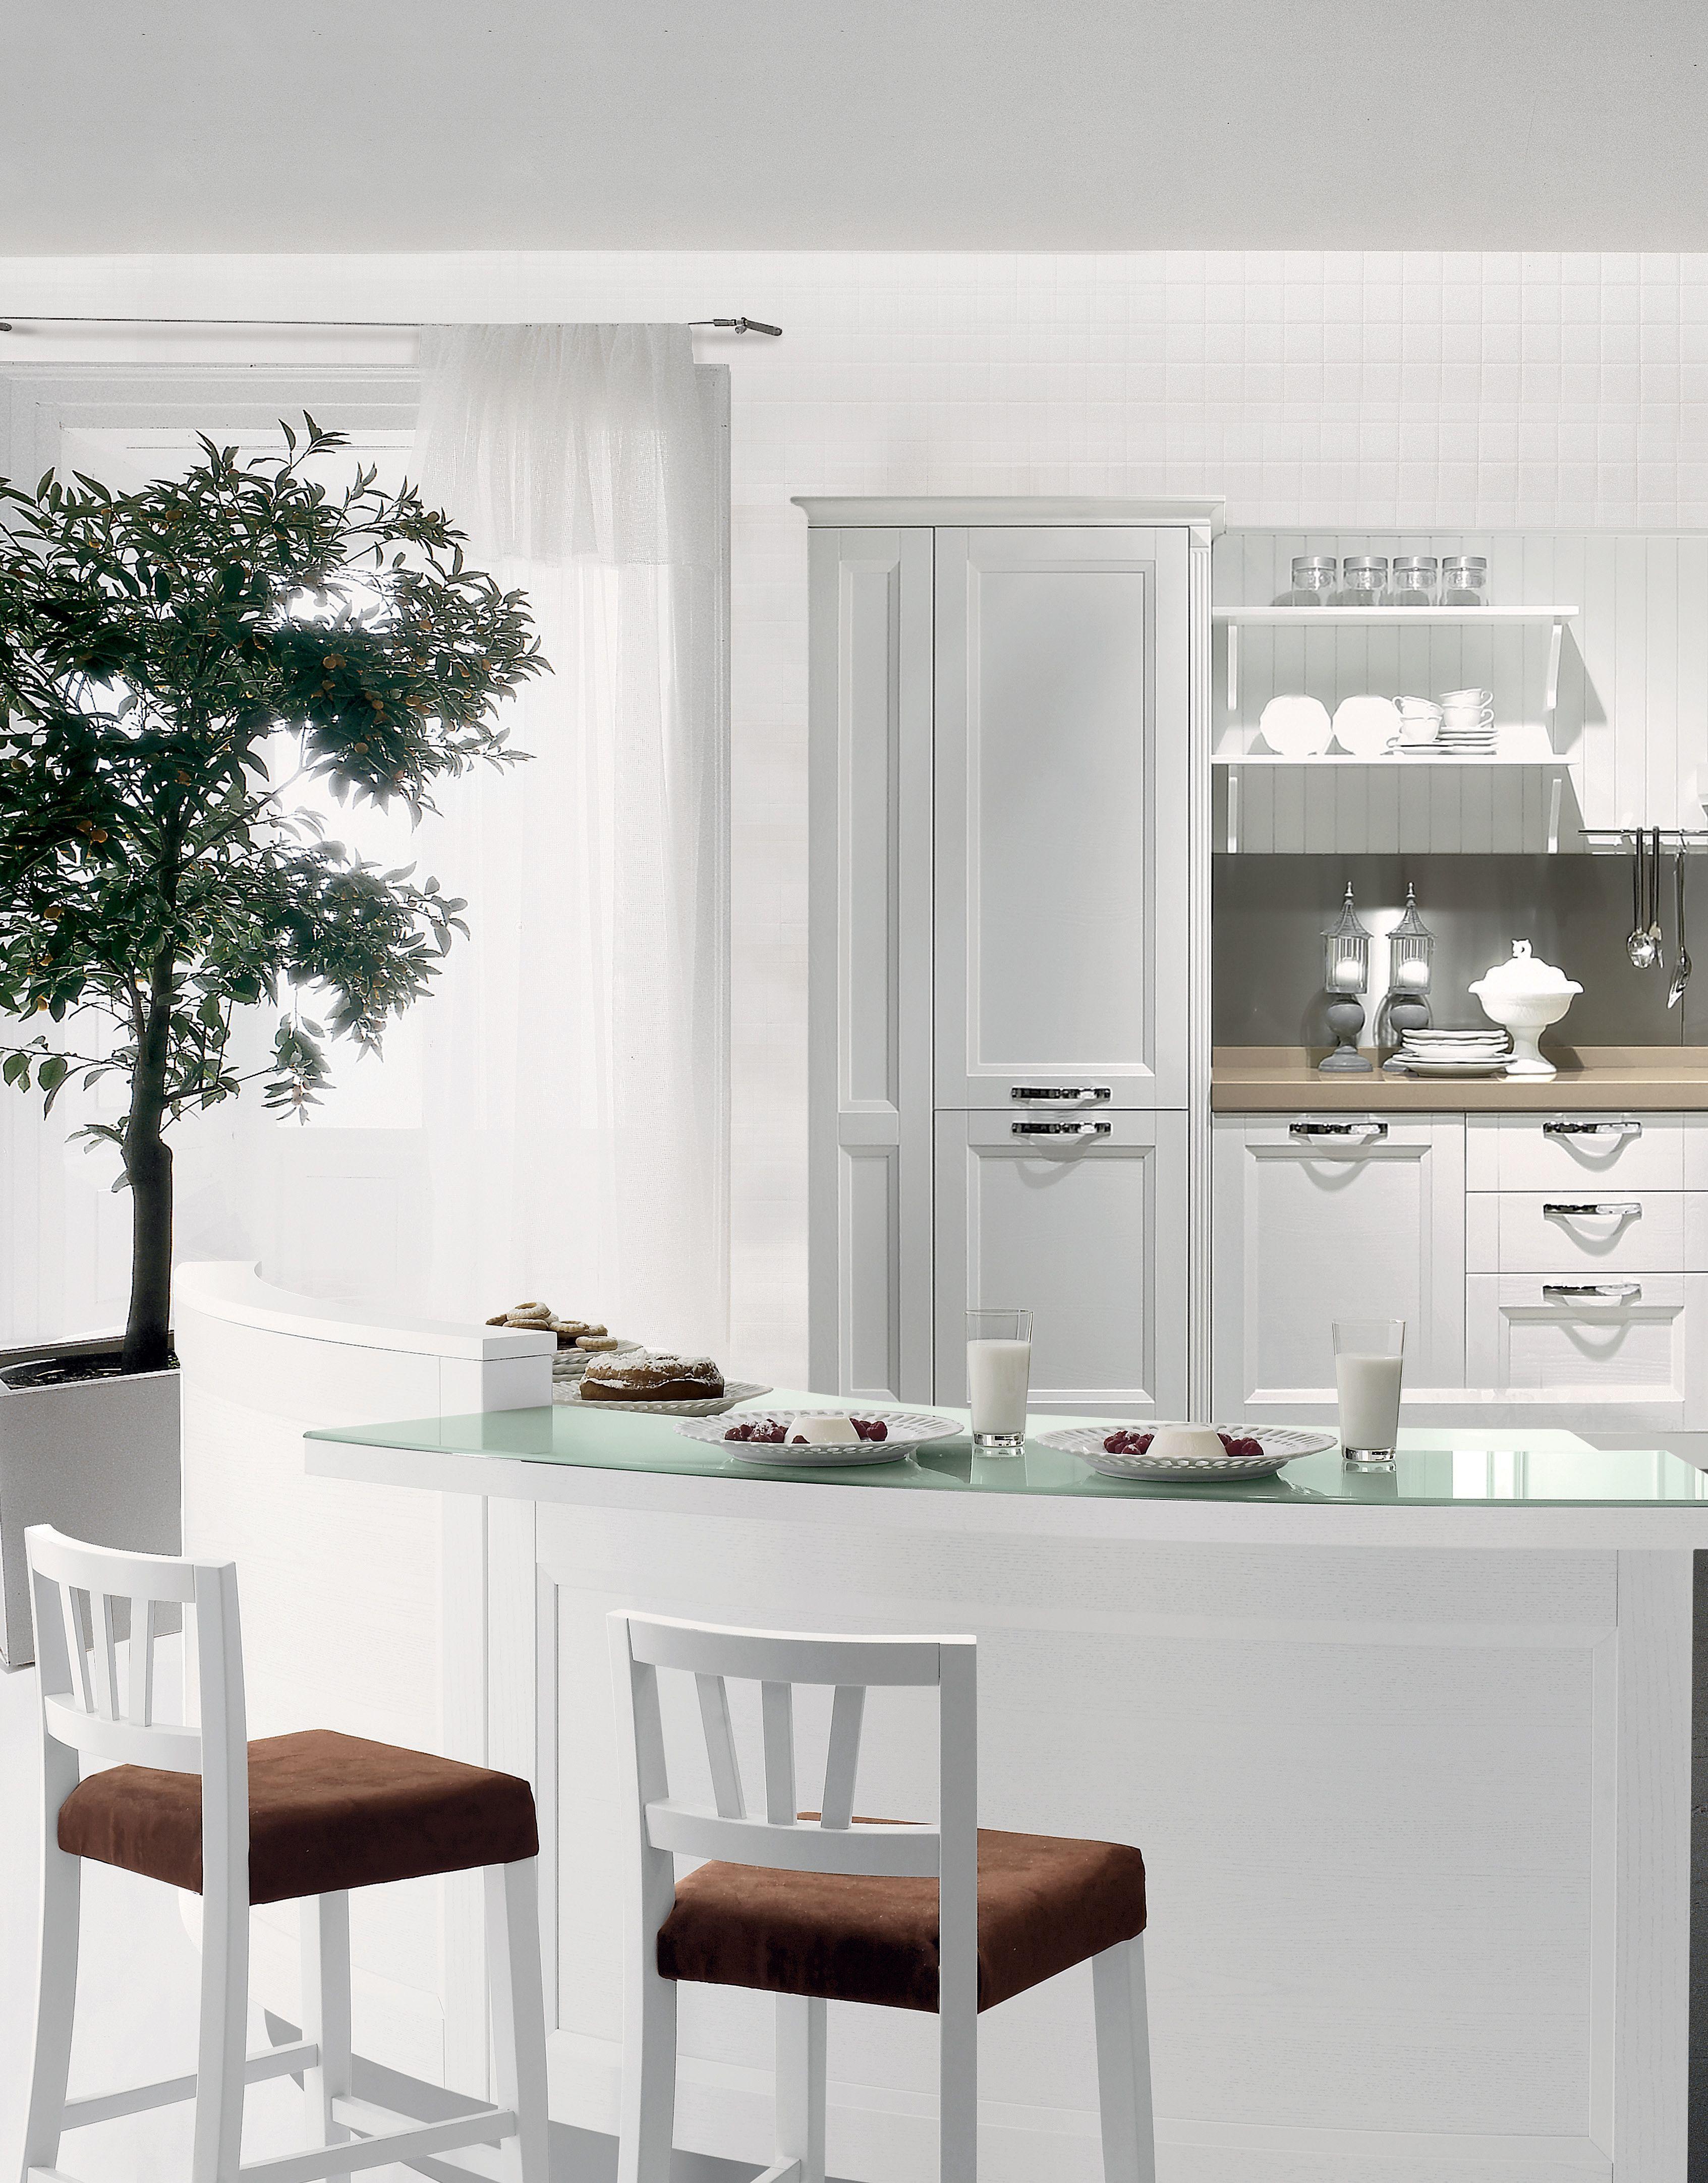 dettaglio cucina contemporanea stosa - modello cucina ...